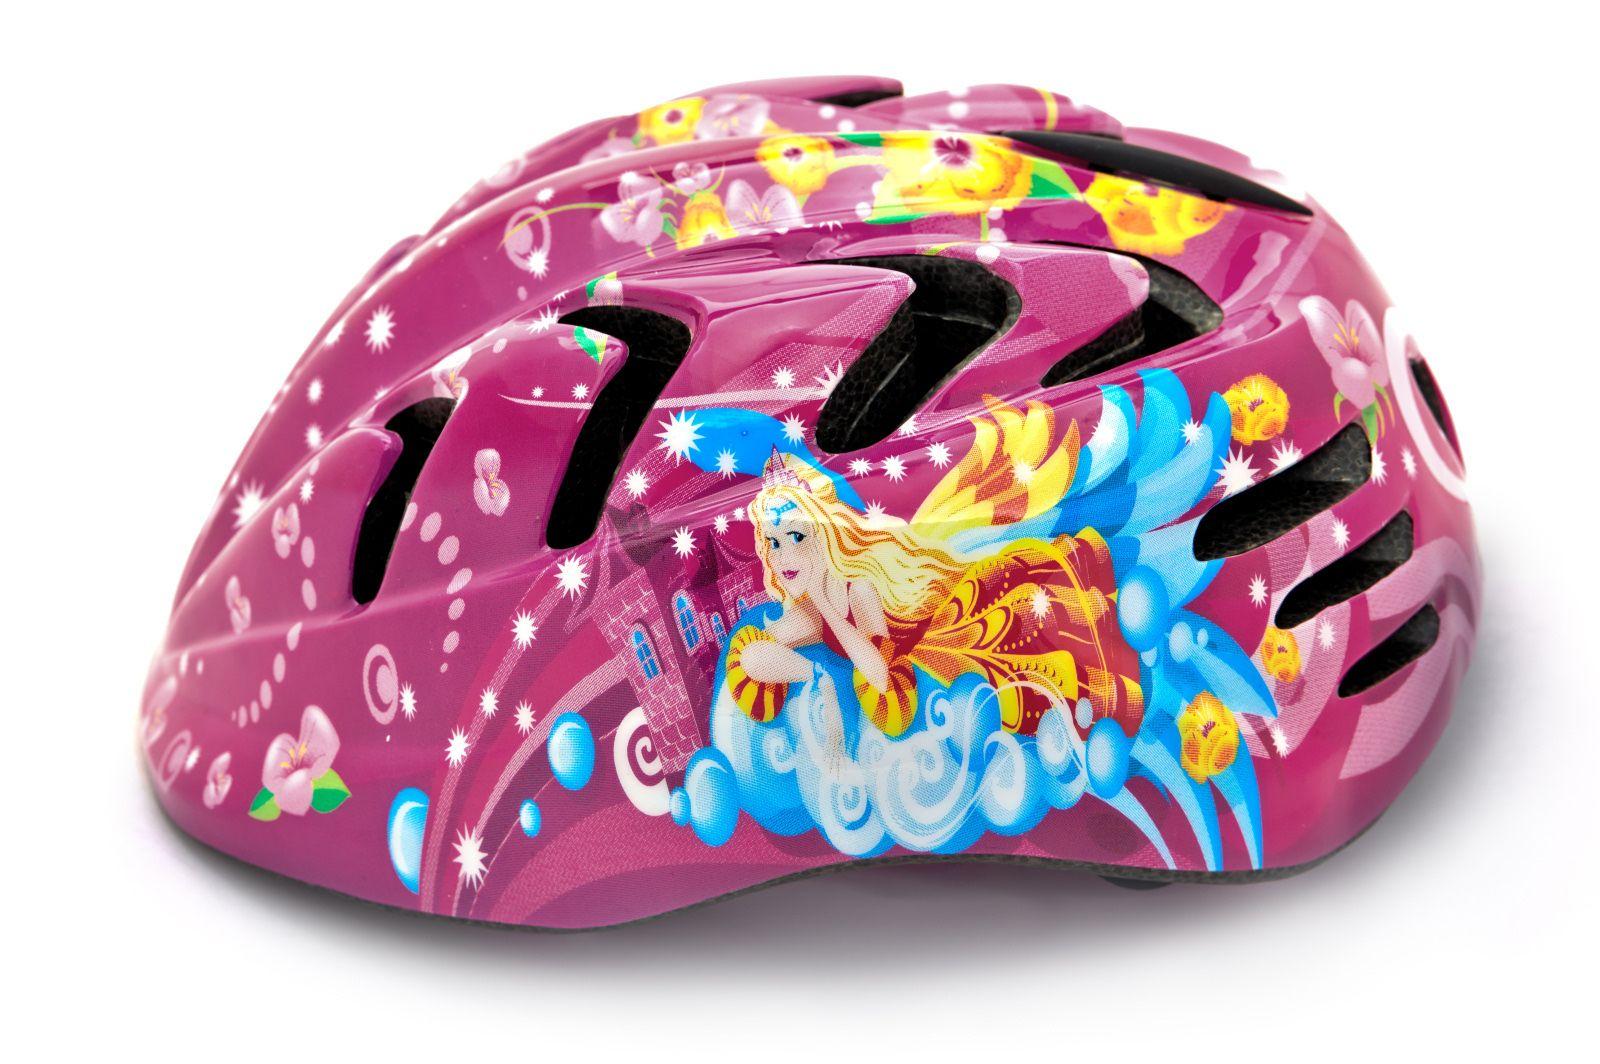 Вело Шлем VSH 7 детский розовый, р.M от Ravta